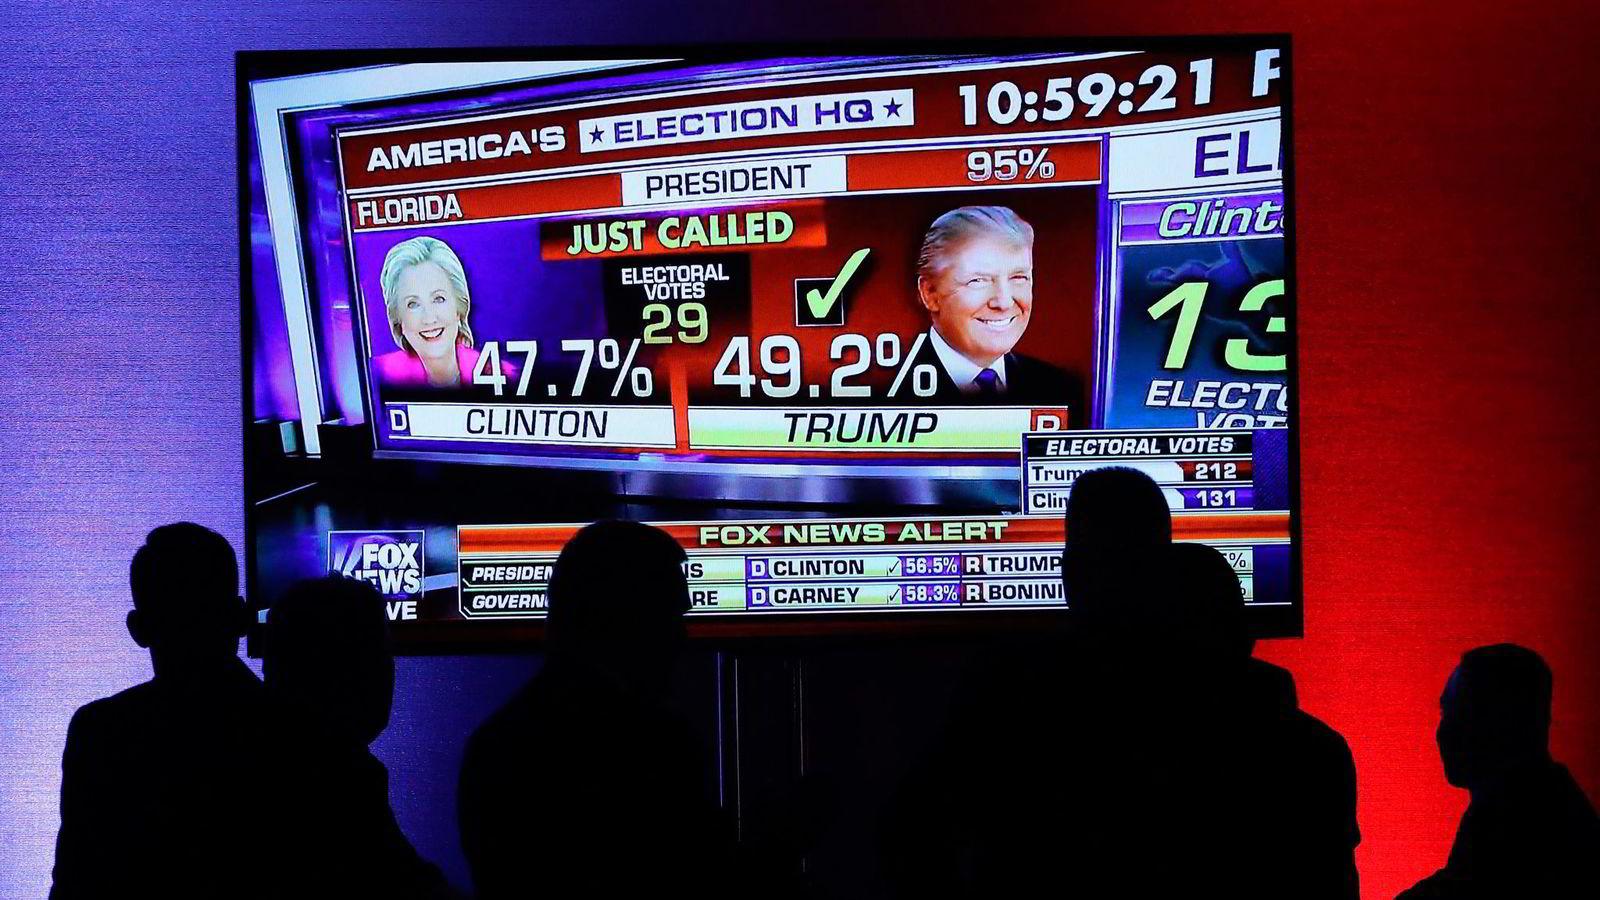 MogIA bruker en rekke økonomiske parametere for å forutsi valgutfall. Det har den lykkes godt med. Nå, derimot, spådde den at Clinton ville få 322 valgmannsstemmer. Det er 52 flere enn hva hun trengte for å vinne. Foto: Mark Wilson/ Getty / NTB Scanpix